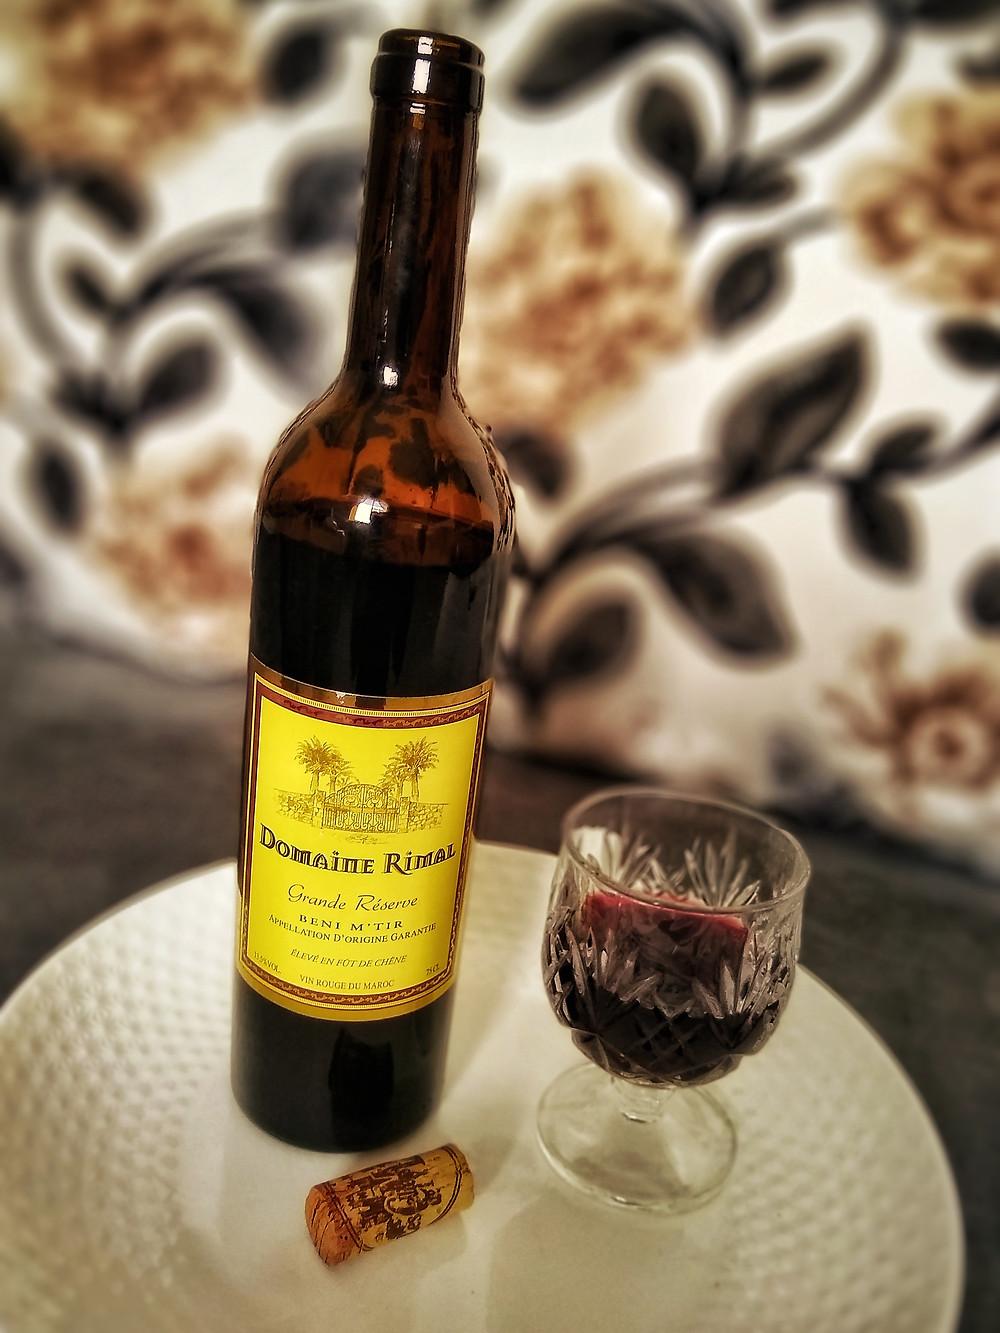 Open bottle of Les Celliers de Meknès Domaine Rimal Grande Réserve wine with a filled wine glass and cork